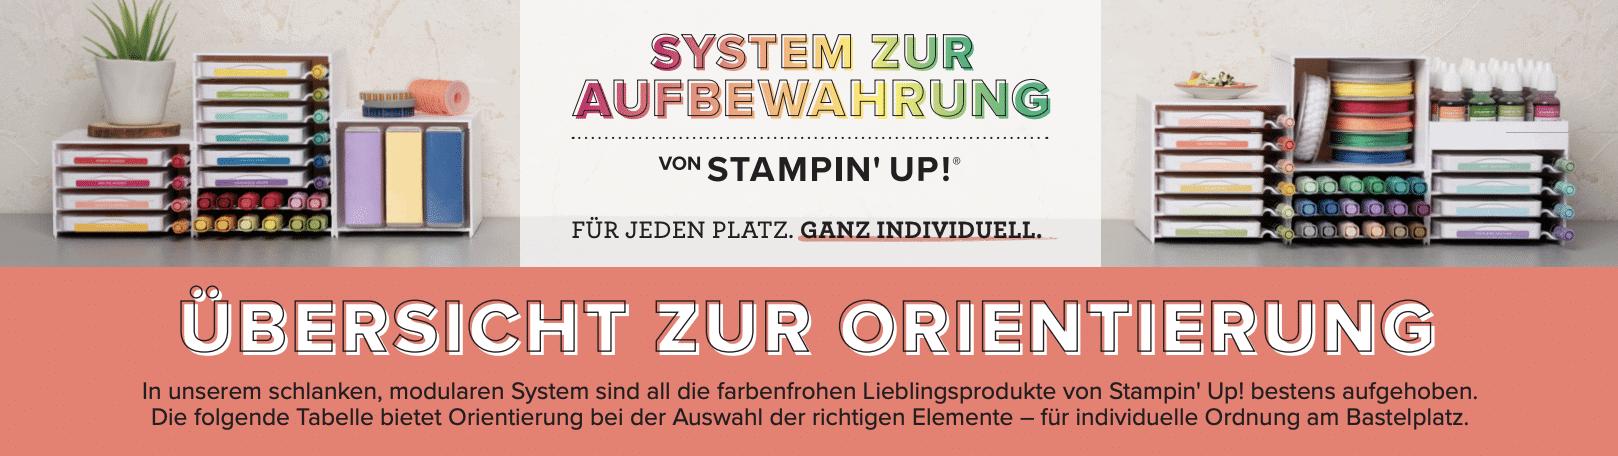 Neues Aufbewahrungssystem von Stampin' Up! 2